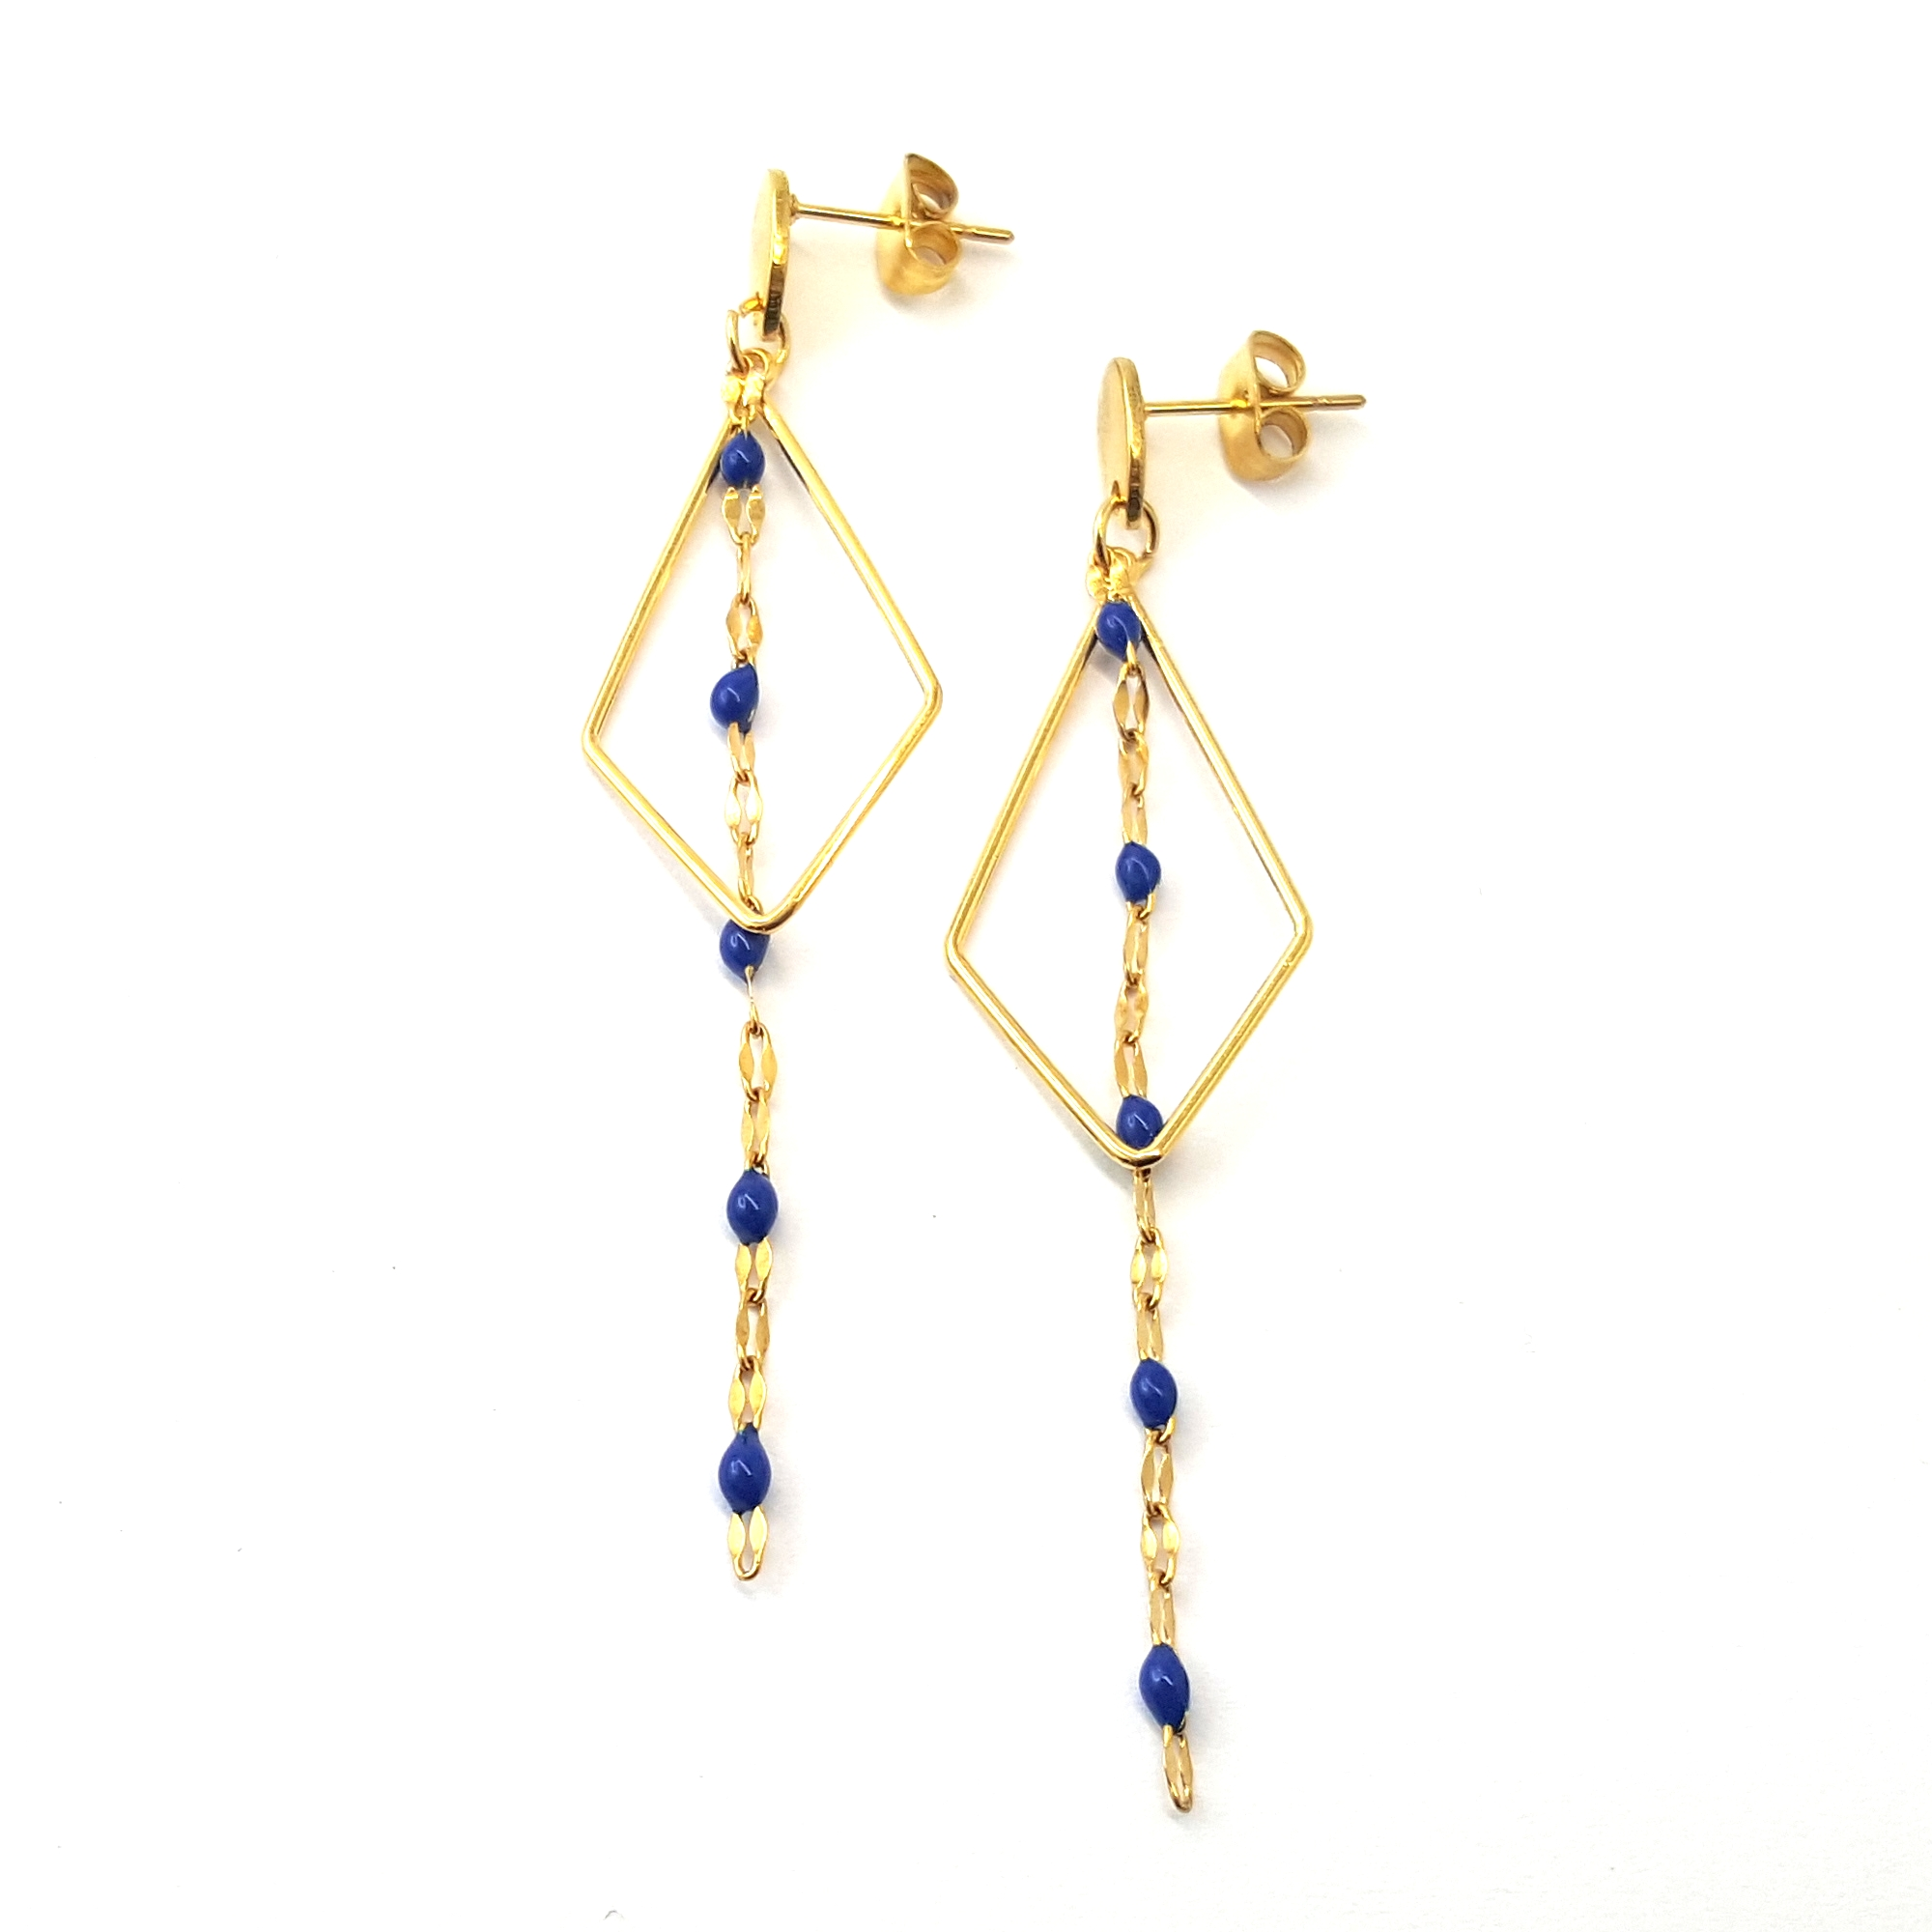 boucles losange et chaîne émaillée - identités bijoux